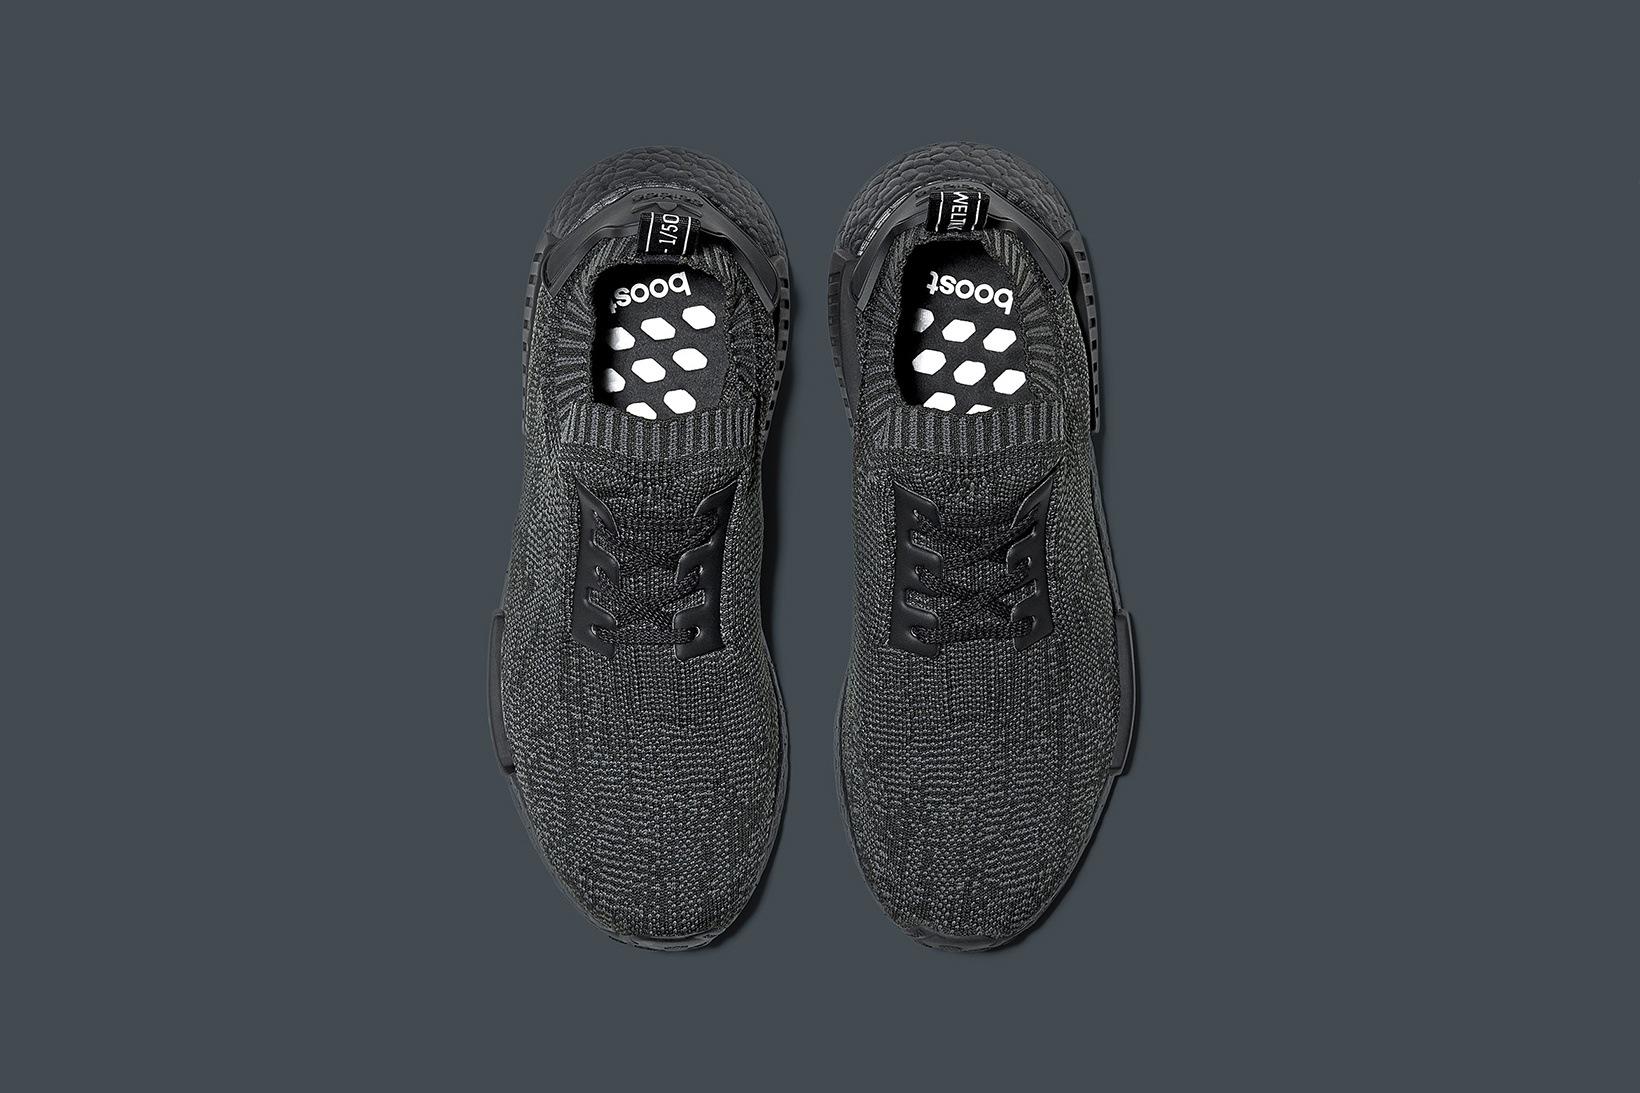 Adidas Nmd R1 Pitch Black